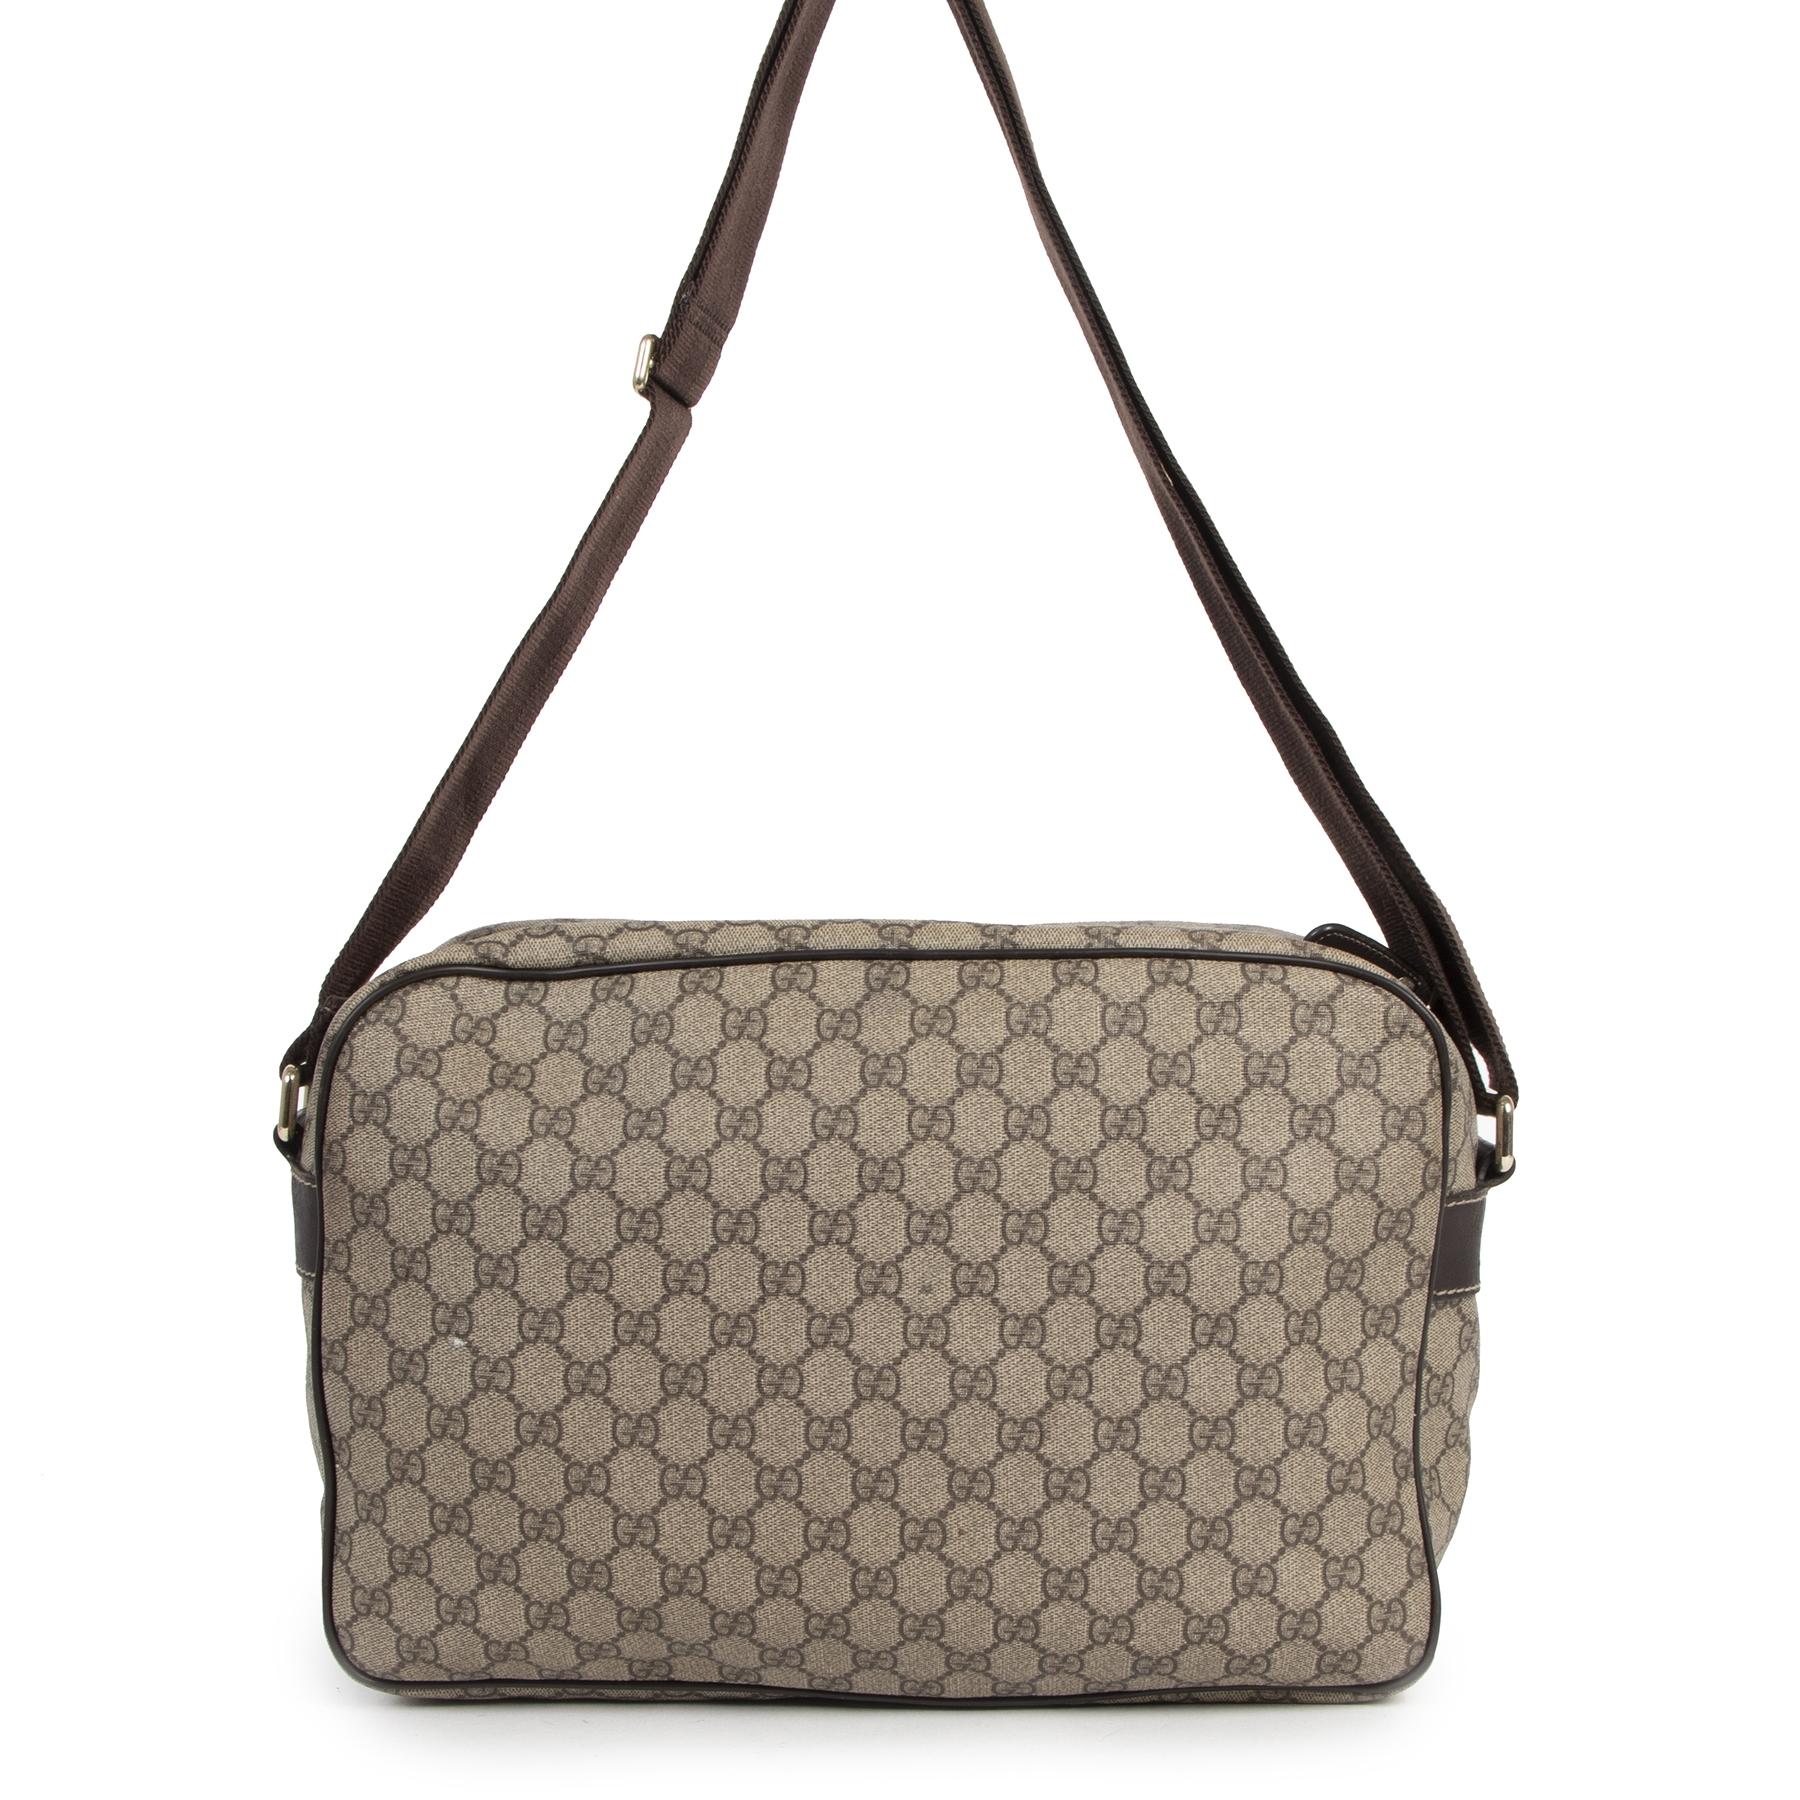 Authentieke Tweedehands Gucci GG Monogram Canvas Travel Messenger Bag juiste prijs veilig online shoppen luxe merken webshop winkelen Antwerpen België mode fashion